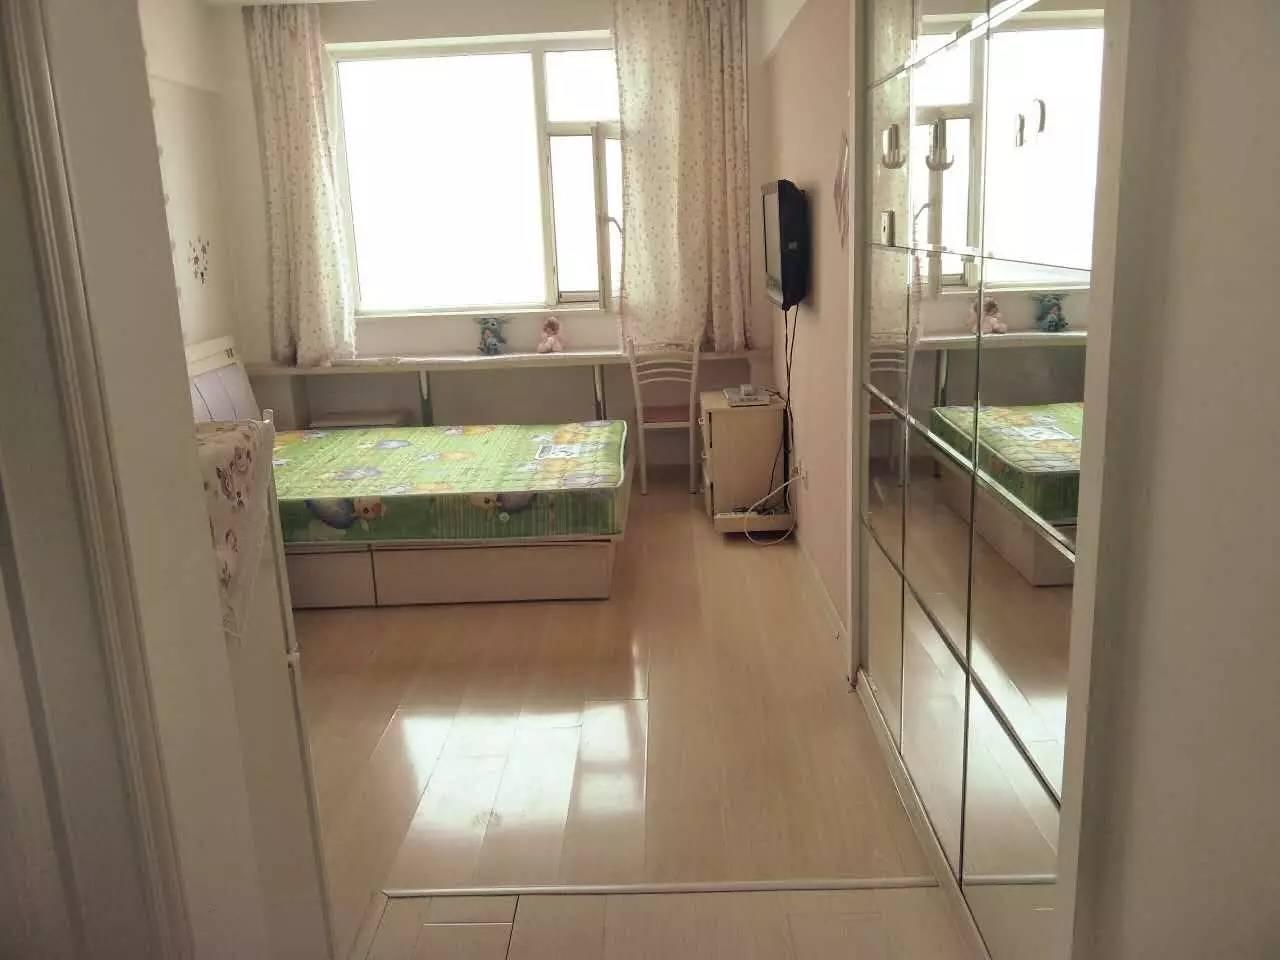 硅谷广场 吉大剑桥园 1室 0厅 35平米 整租